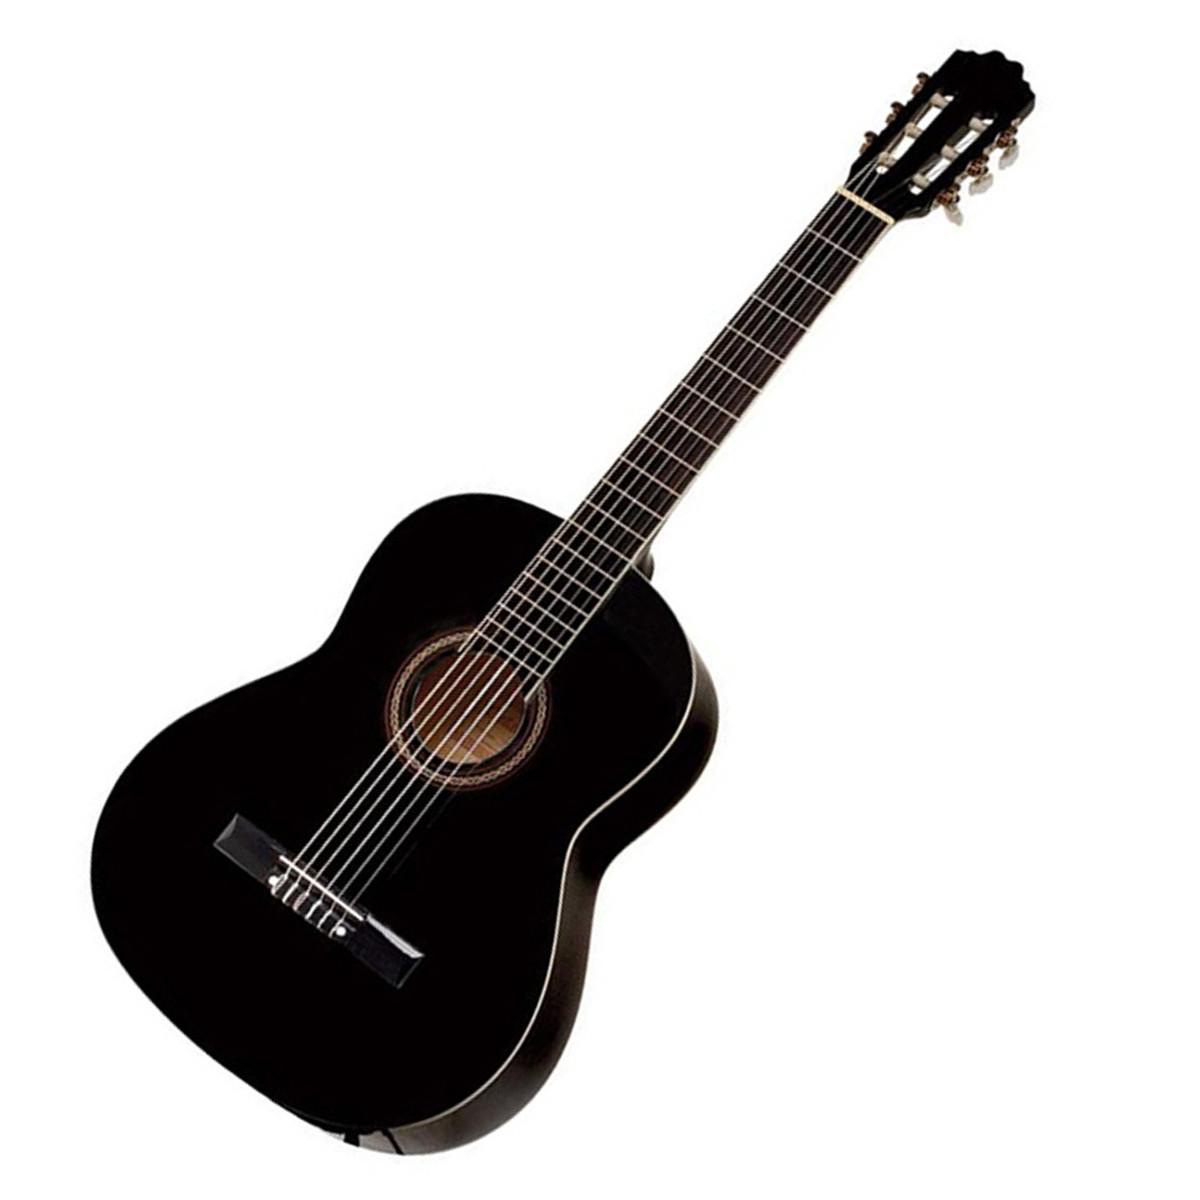 guitare classique acoustique takamine gc3 noir. Black Bedroom Furniture Sets. Home Design Ideas